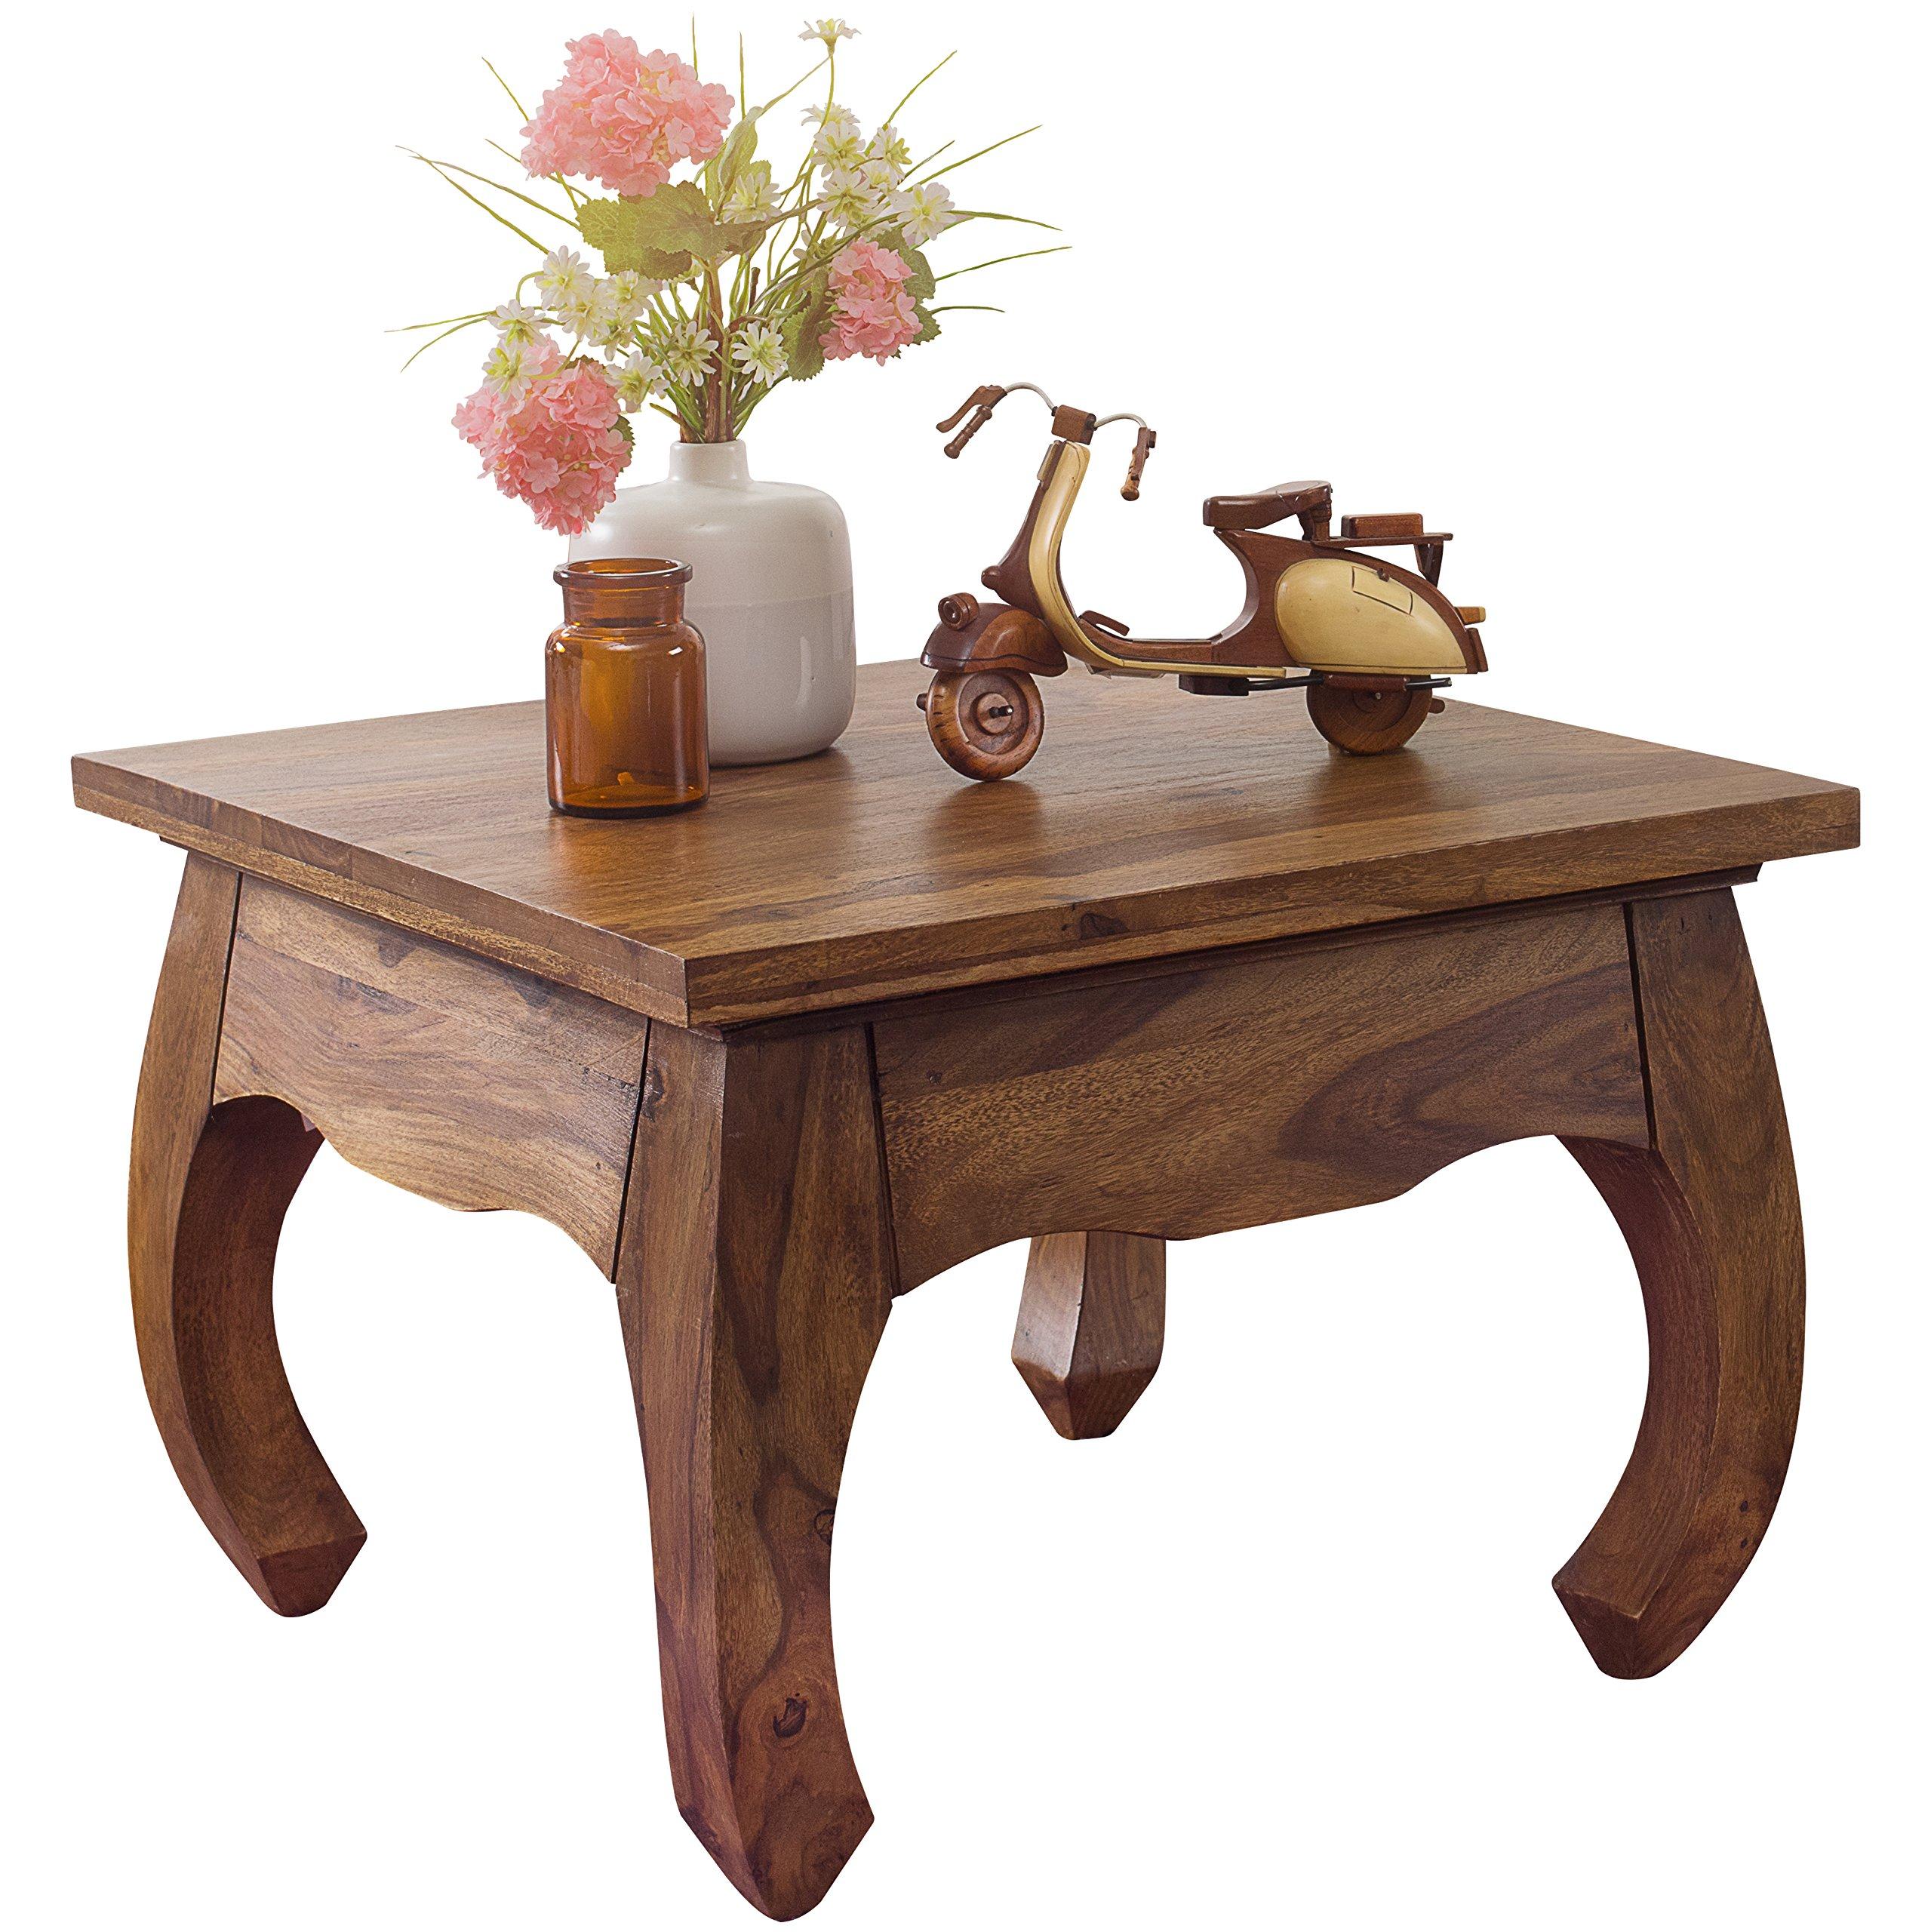 Solid Wood Coffee Table: Amazon.co.uk